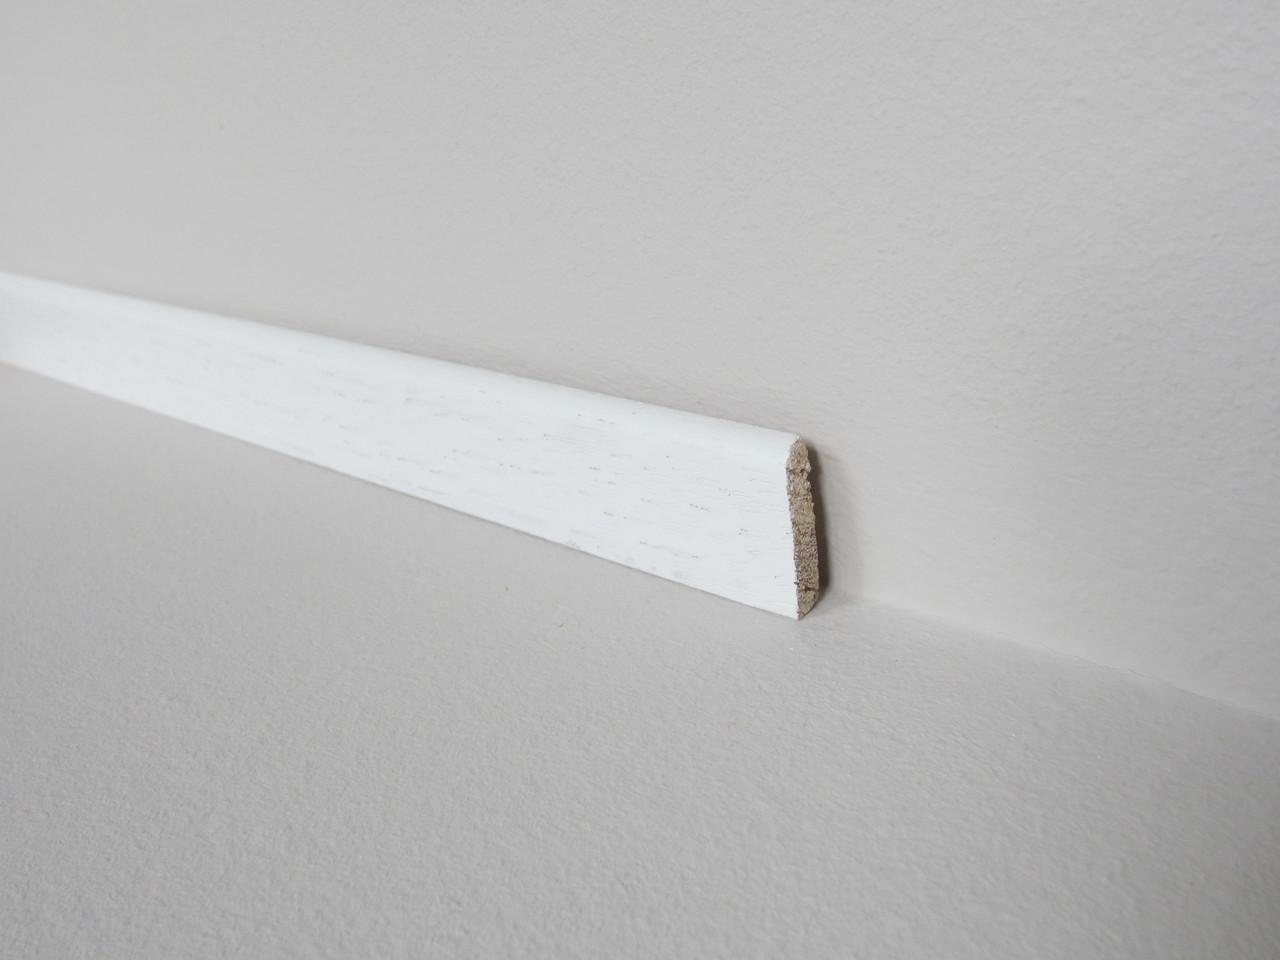 sl 151 scheuerleiste sl 6 24 ramin ersatz wei 2 70 m. Black Bedroom Furniture Sets. Home Design Ideas